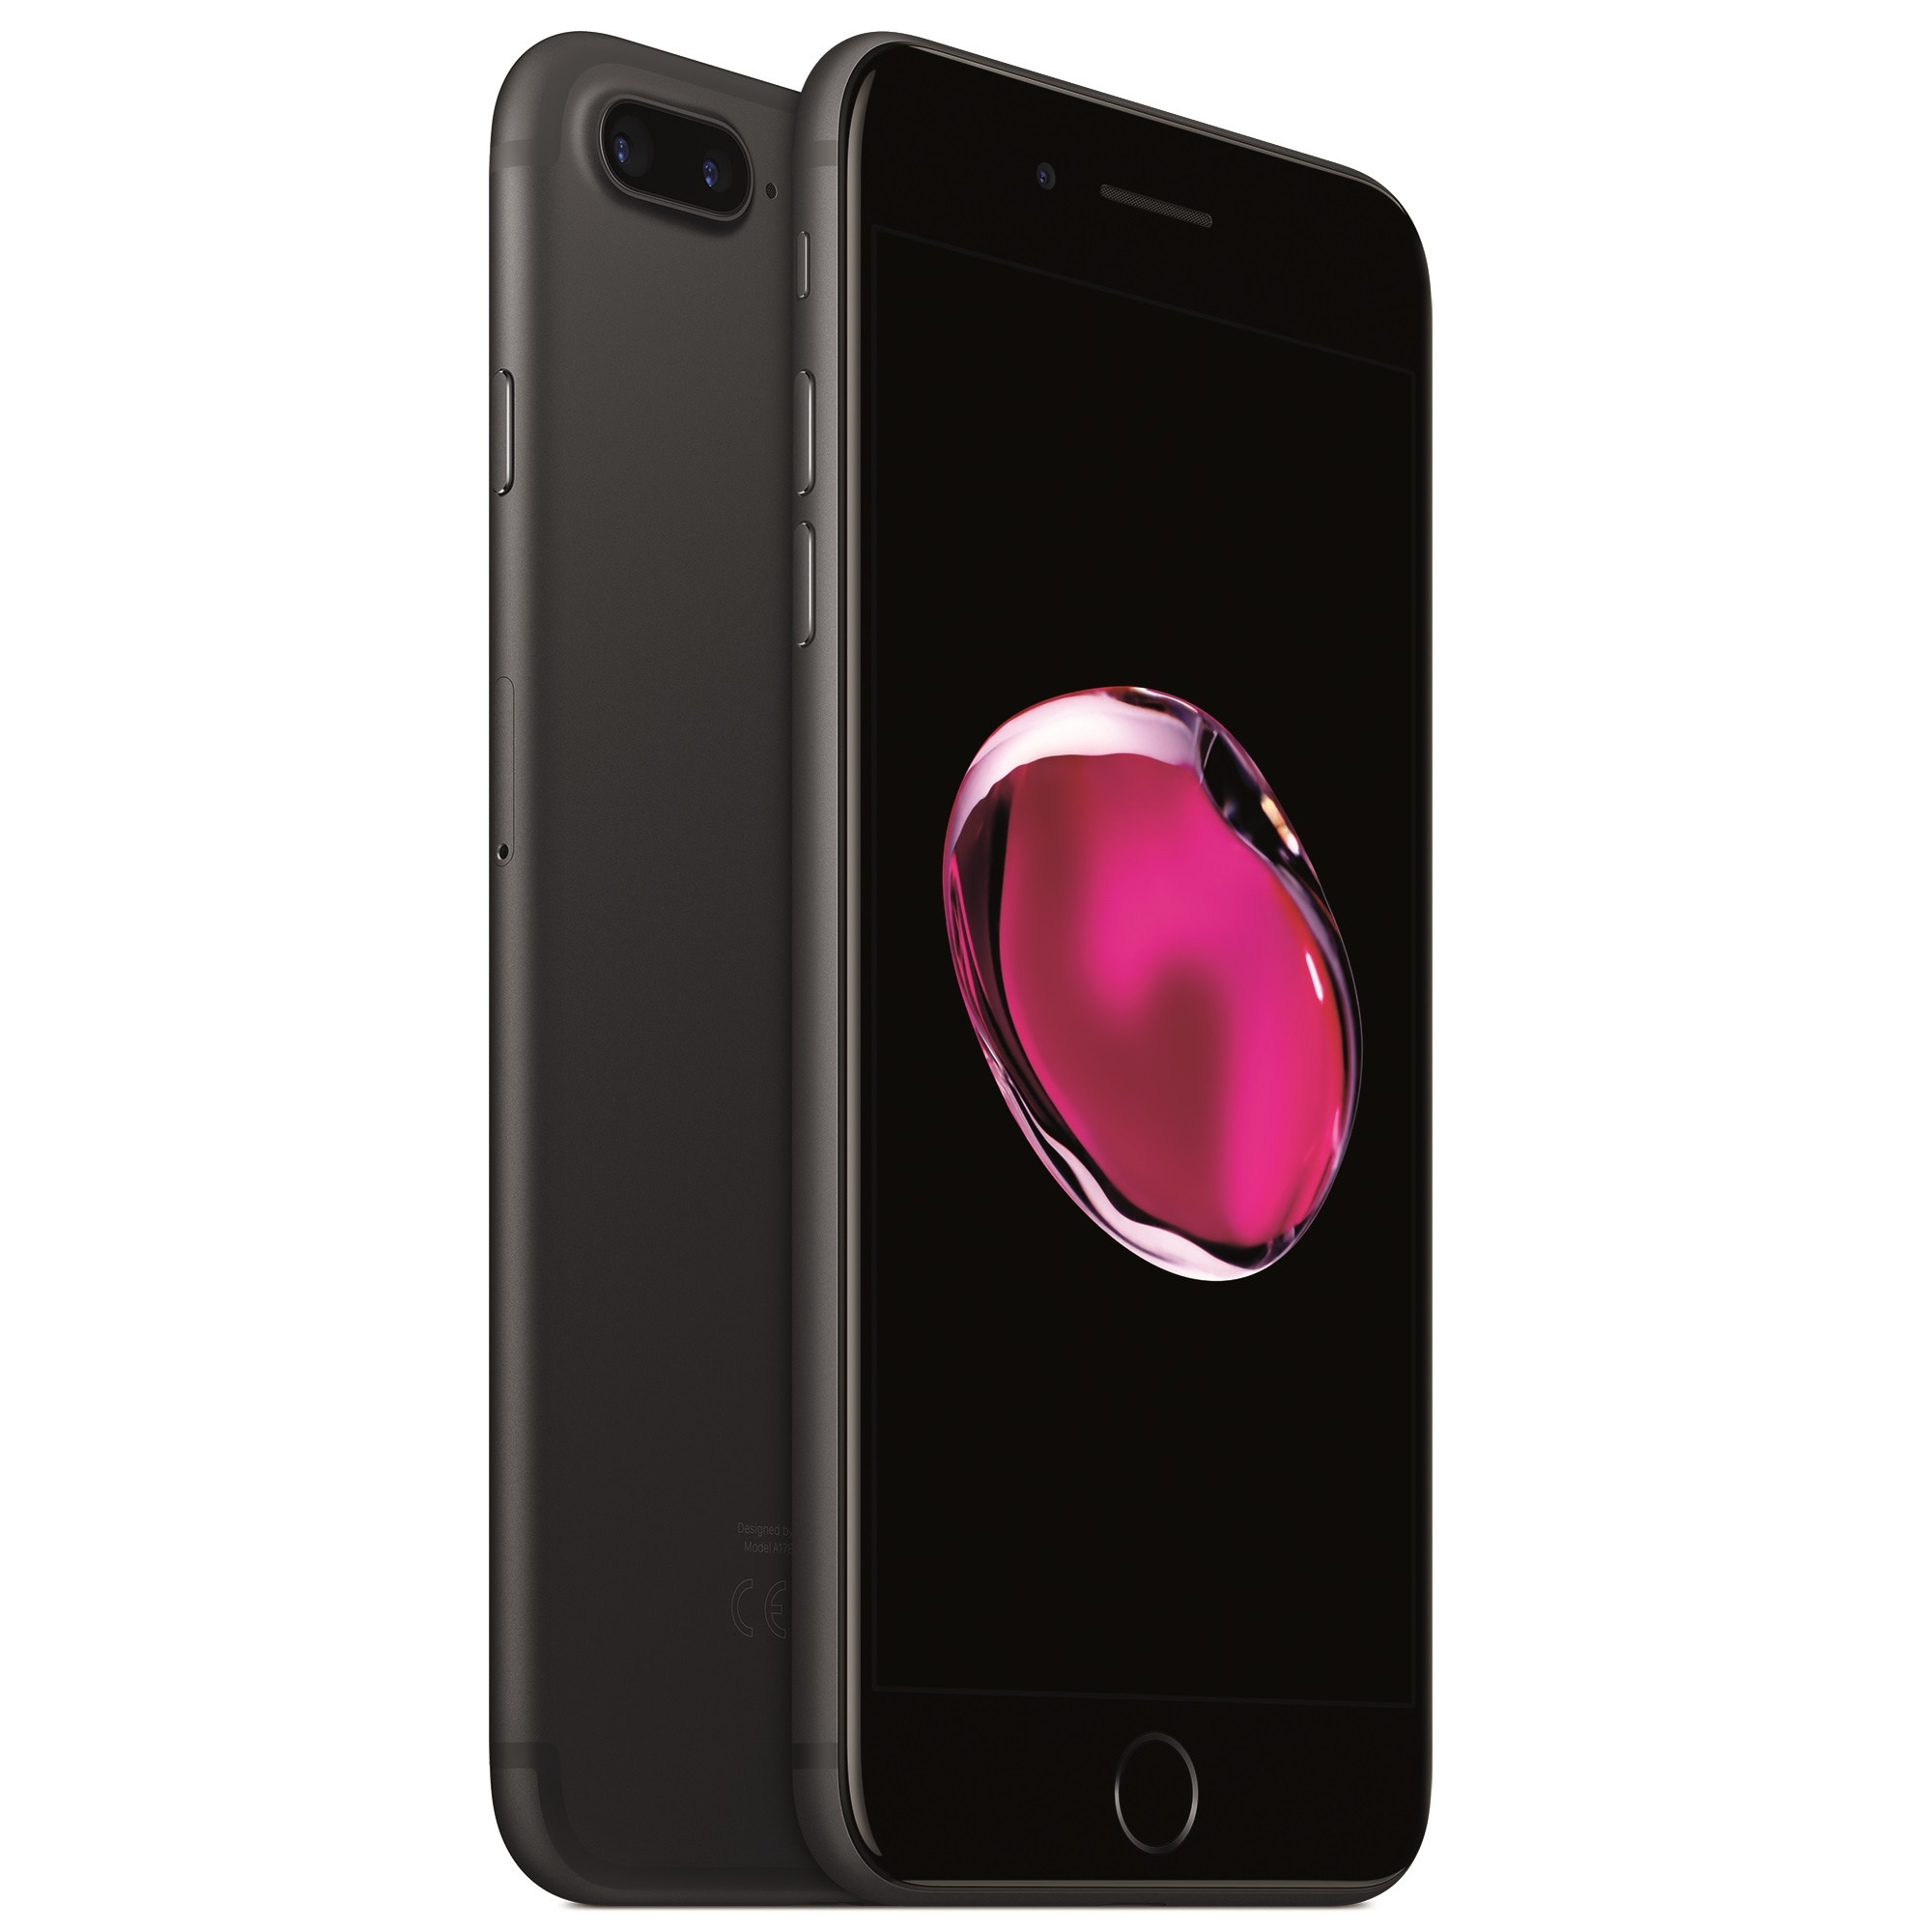 Fotografie Apple iPhone 7 Plus 32GB Black (DEMO)